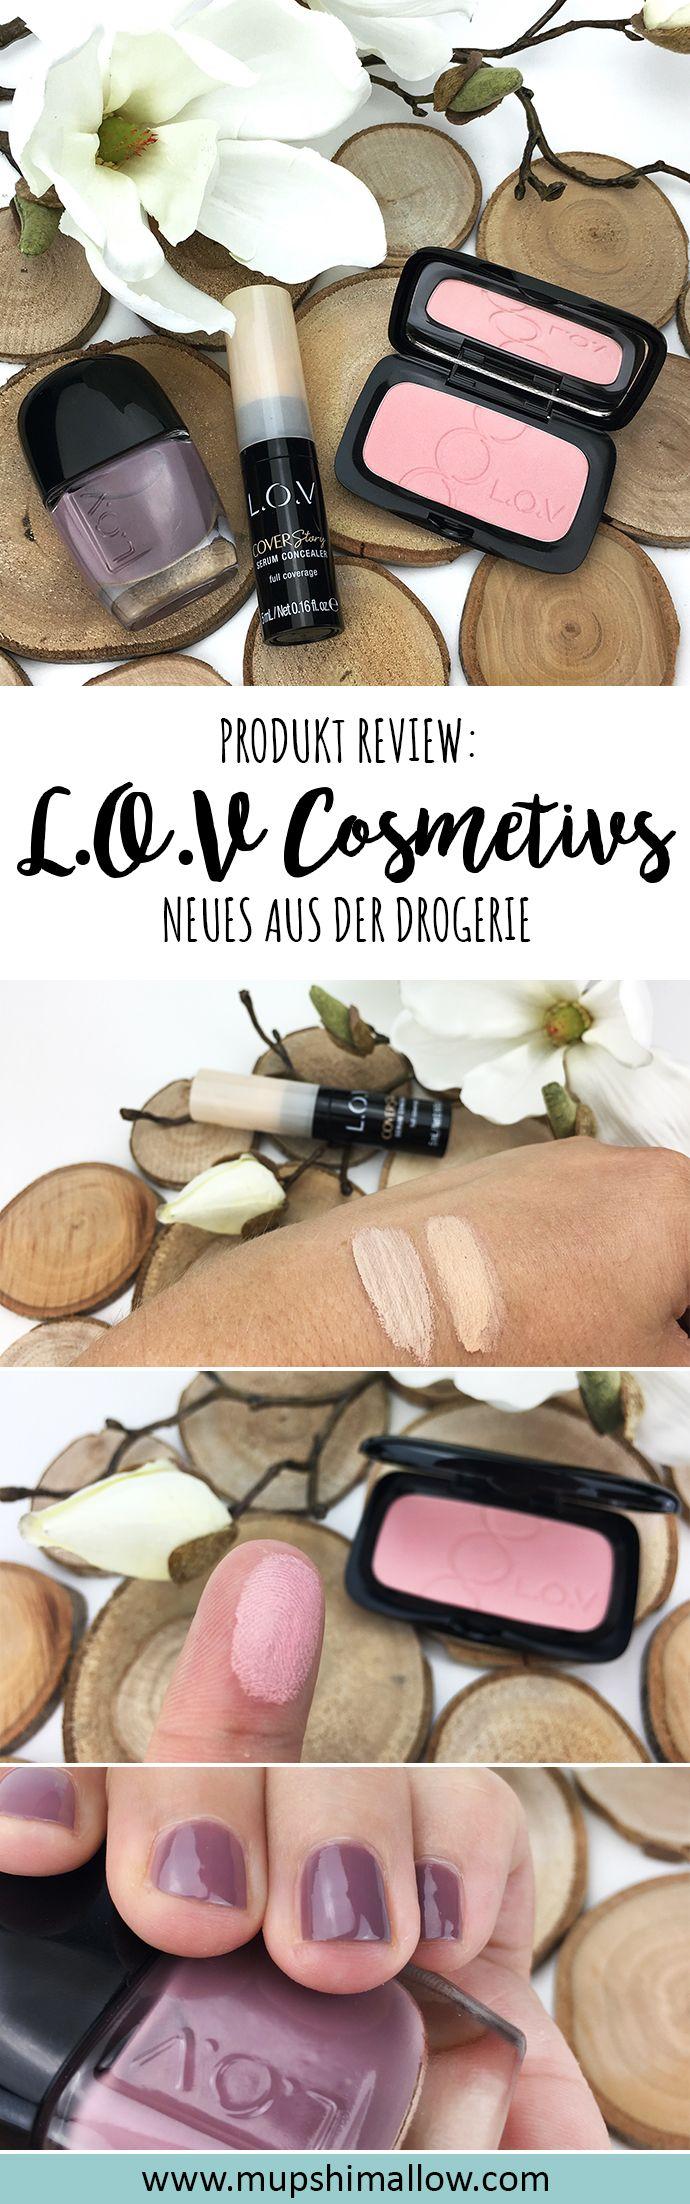 Es gibt eine Neuheit in der Drogerie. Exklusiv bei Rossmann findet ihr jetzt ganz neu L.O.V Cosmetics aus dem Hause Cosnova (essence, catrice). Welche Produkte ich zuerst ausprobiert habe? Klicke hier für meine Review der neuen Kosmetik Produkte.